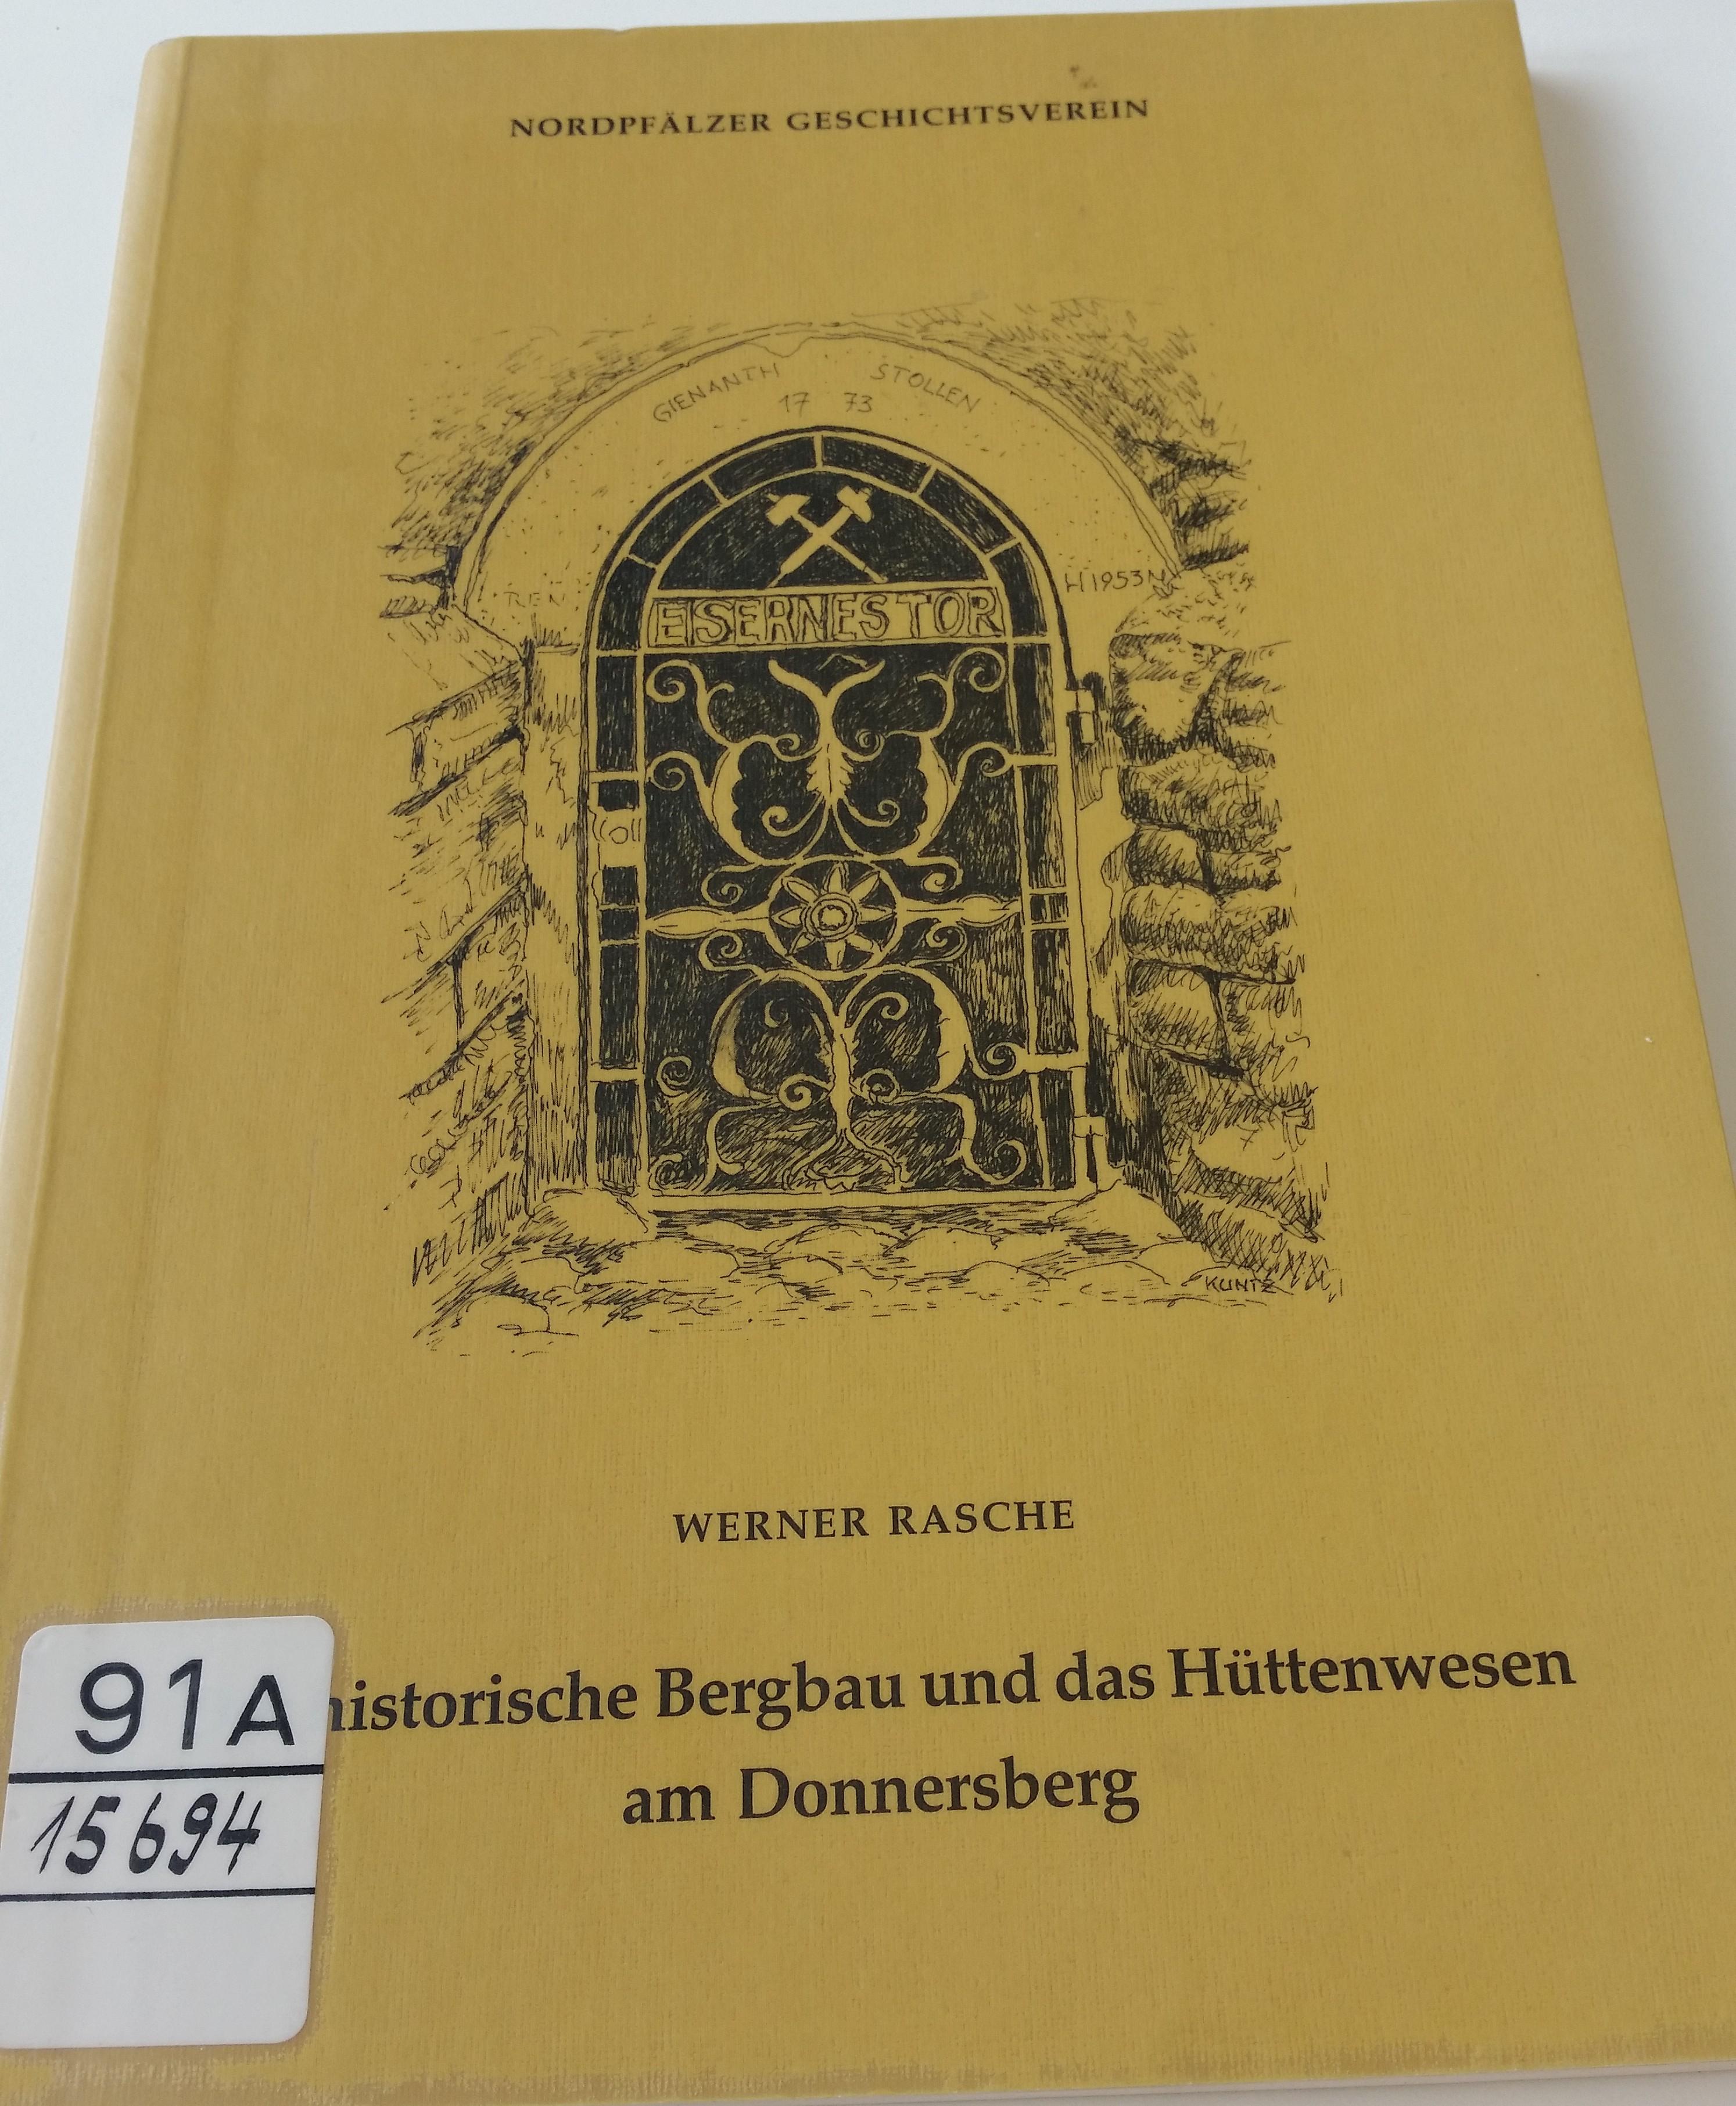 Neues Recherchematerial: Historischer Bergbau und das Hüttenwesen am Donnersberg